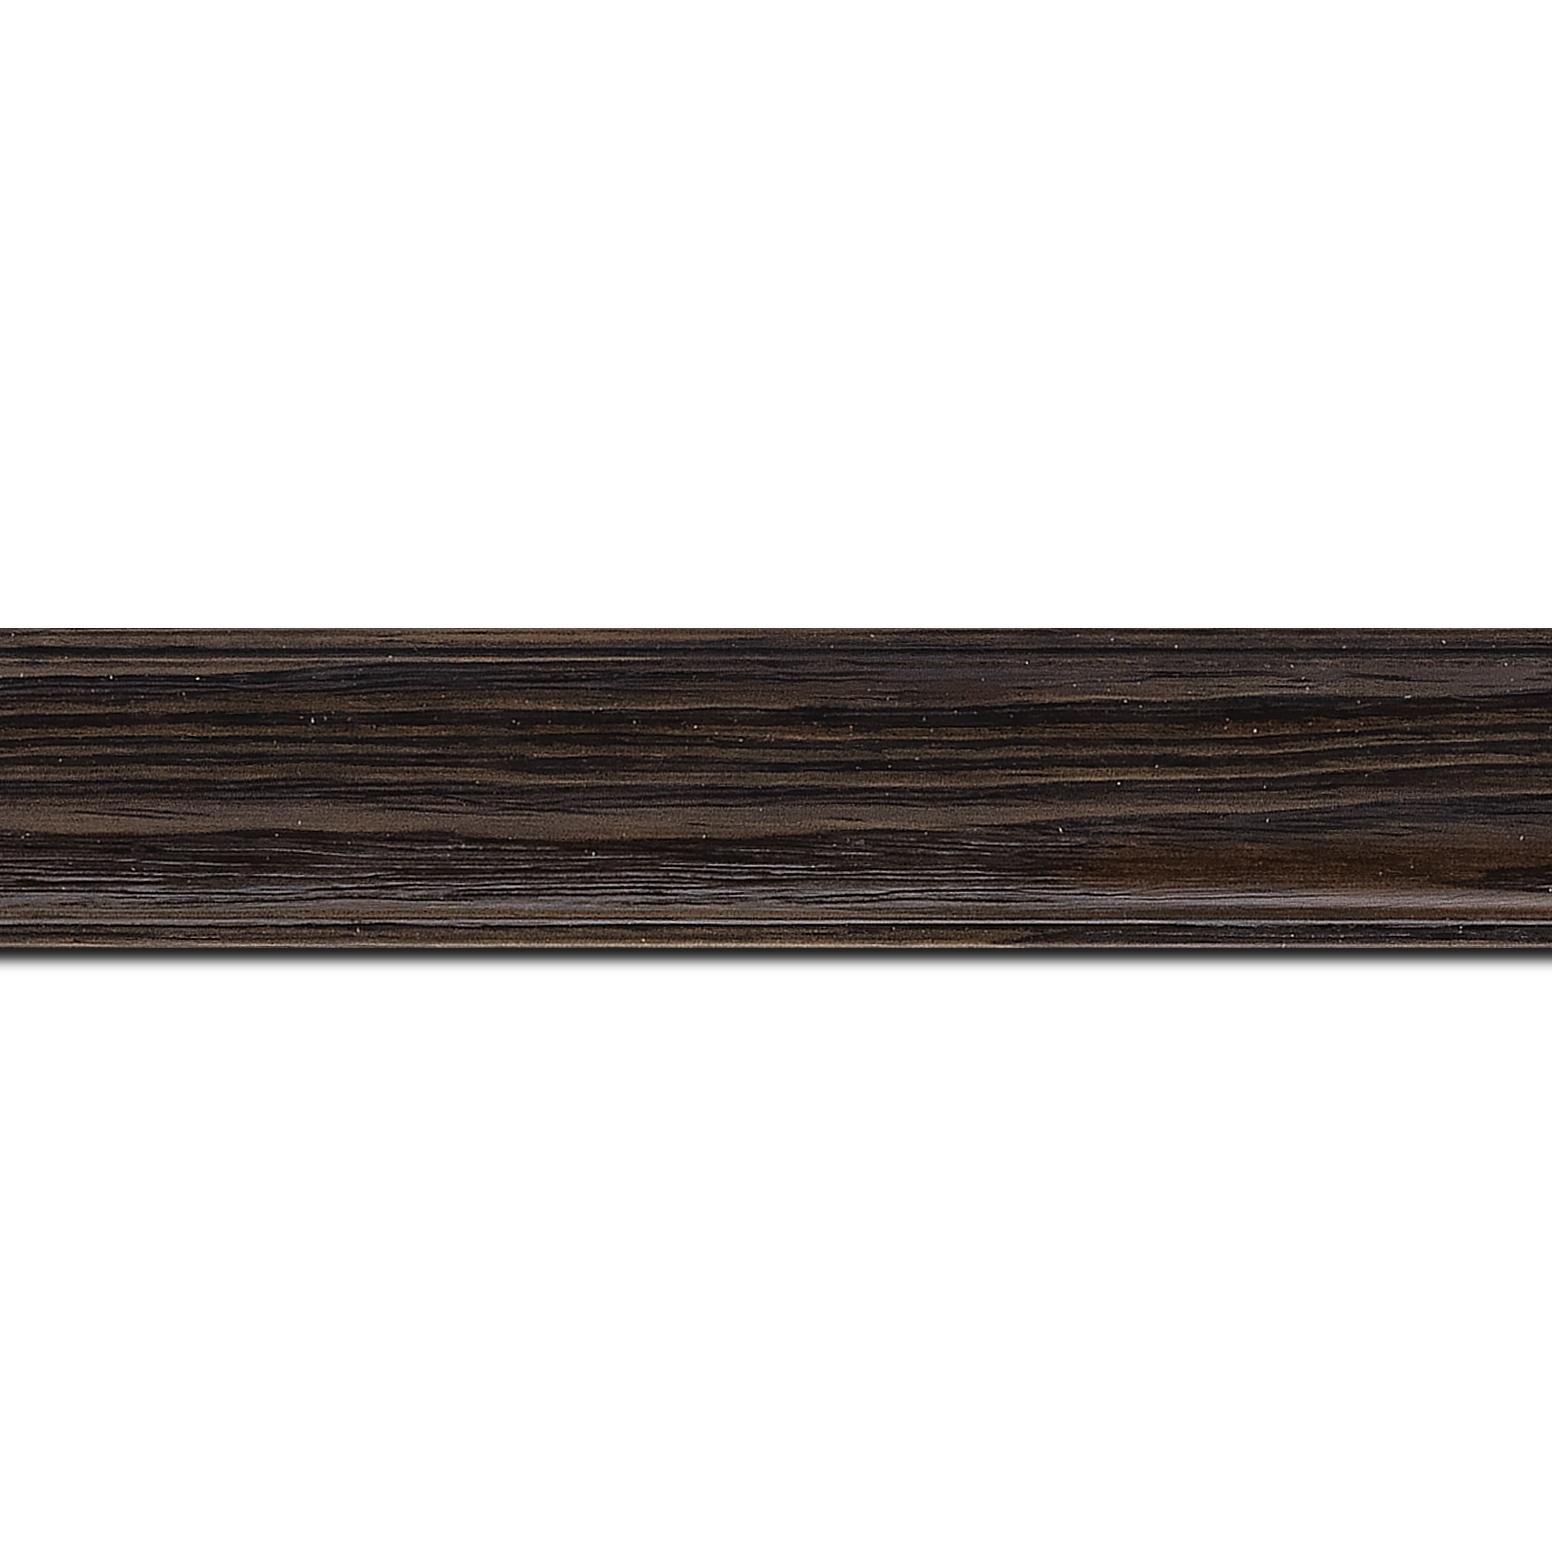 cadre bois marron tons bois 20x30 pas cher cadre photo bois marron tons bois 20x30 destock cadre. Black Bedroom Furniture Sets. Home Design Ideas